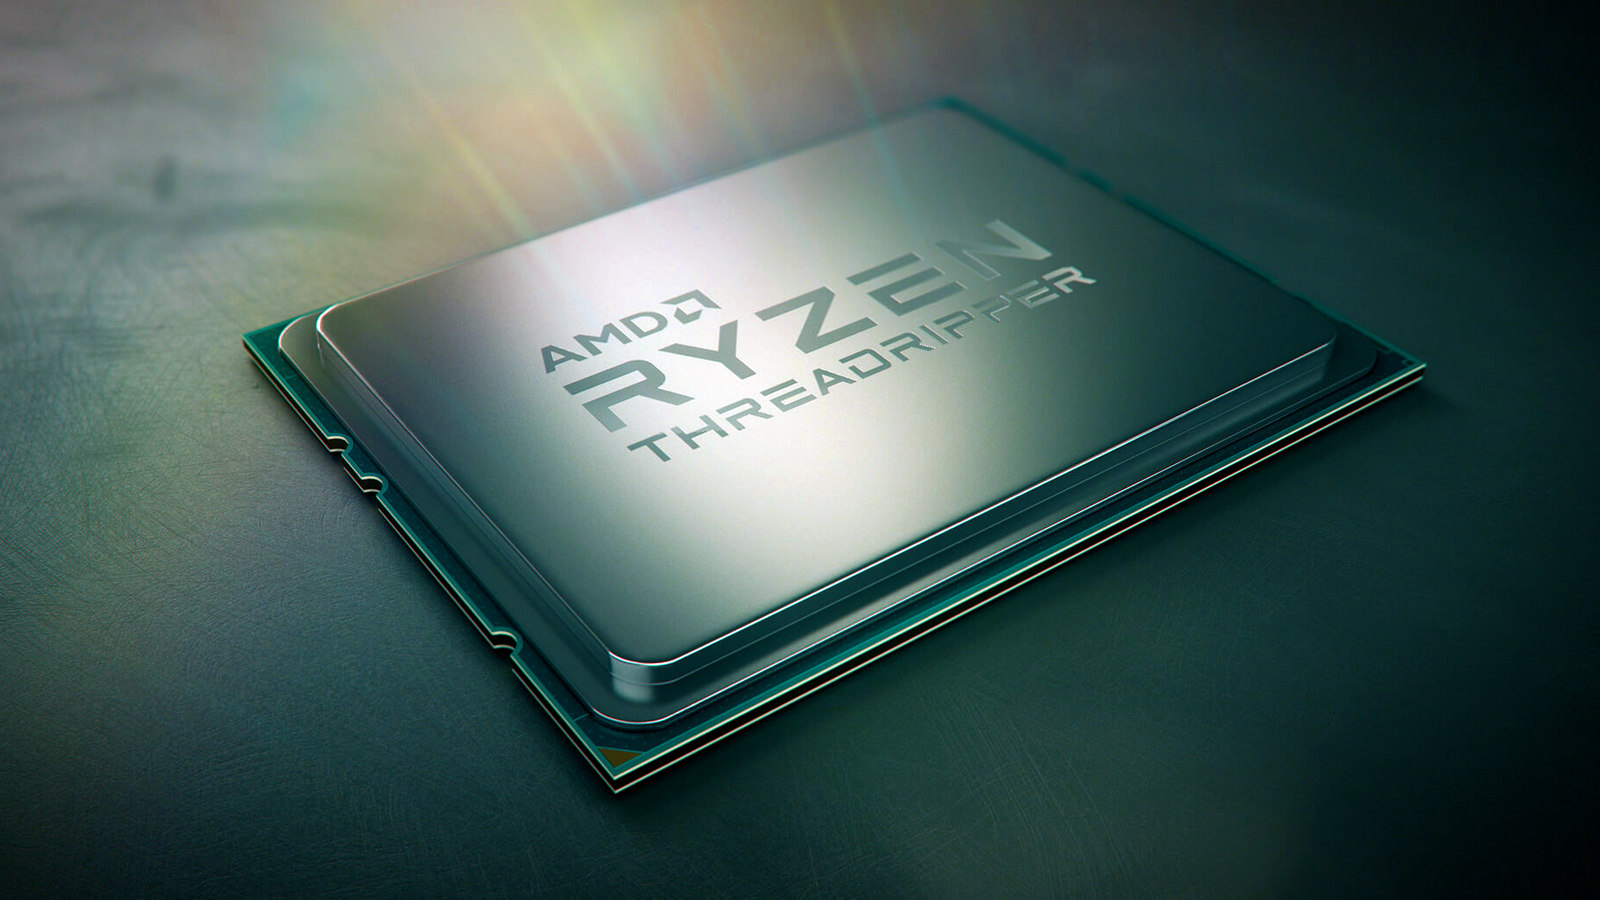 AMD-Ryzen-Threadripper-ilustrace-1600